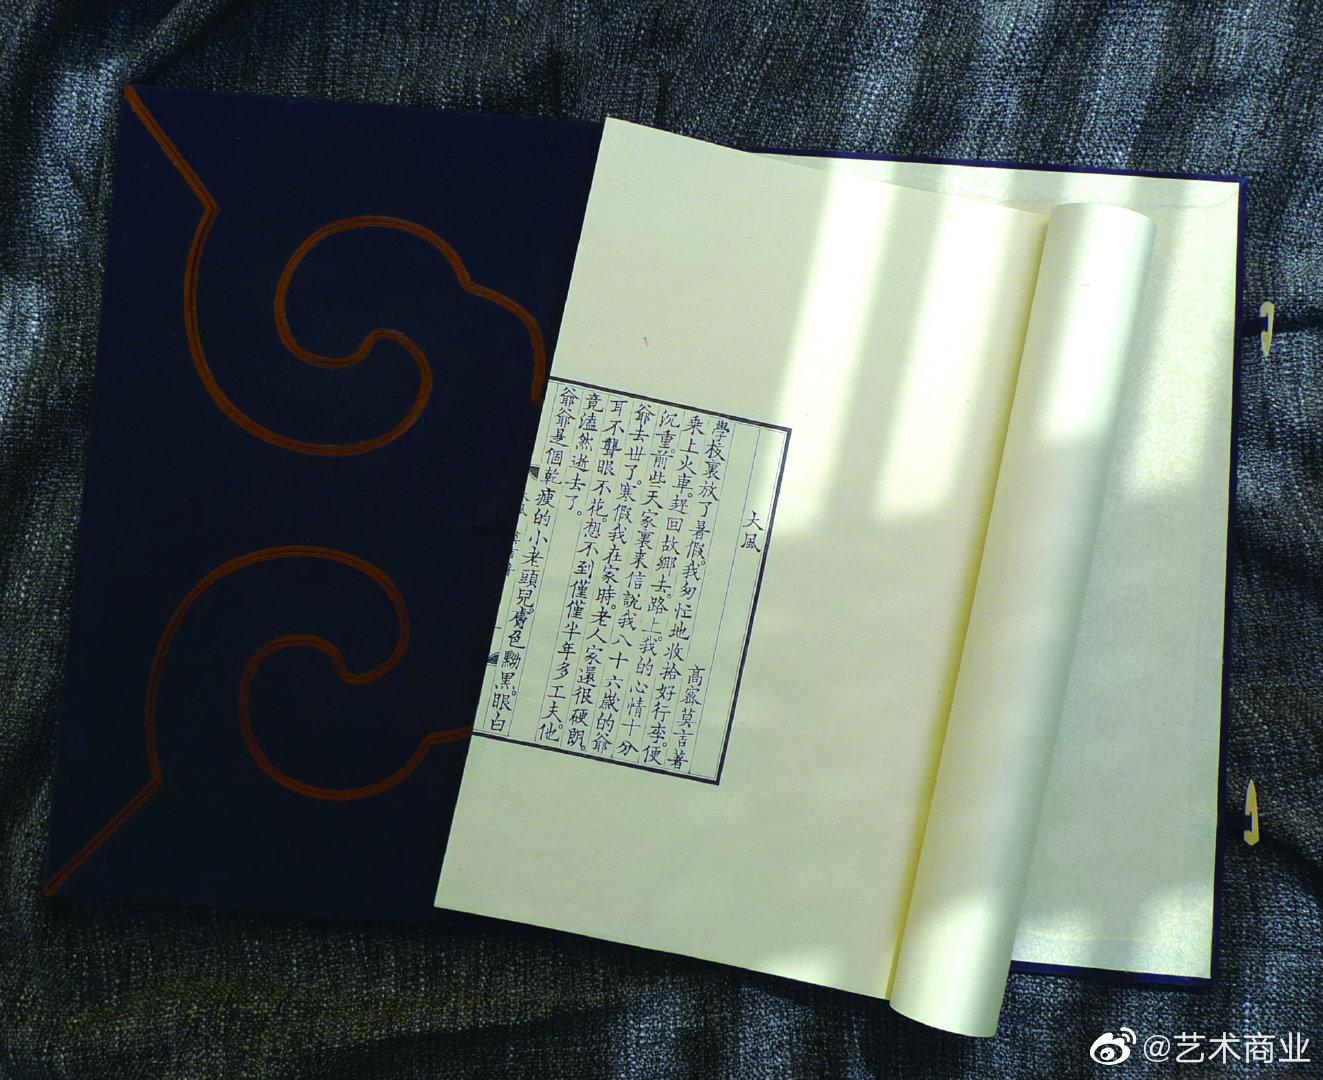 @模范书局诗空间 推荐书单:《大风》莫言获诺贝尔文学奖作品